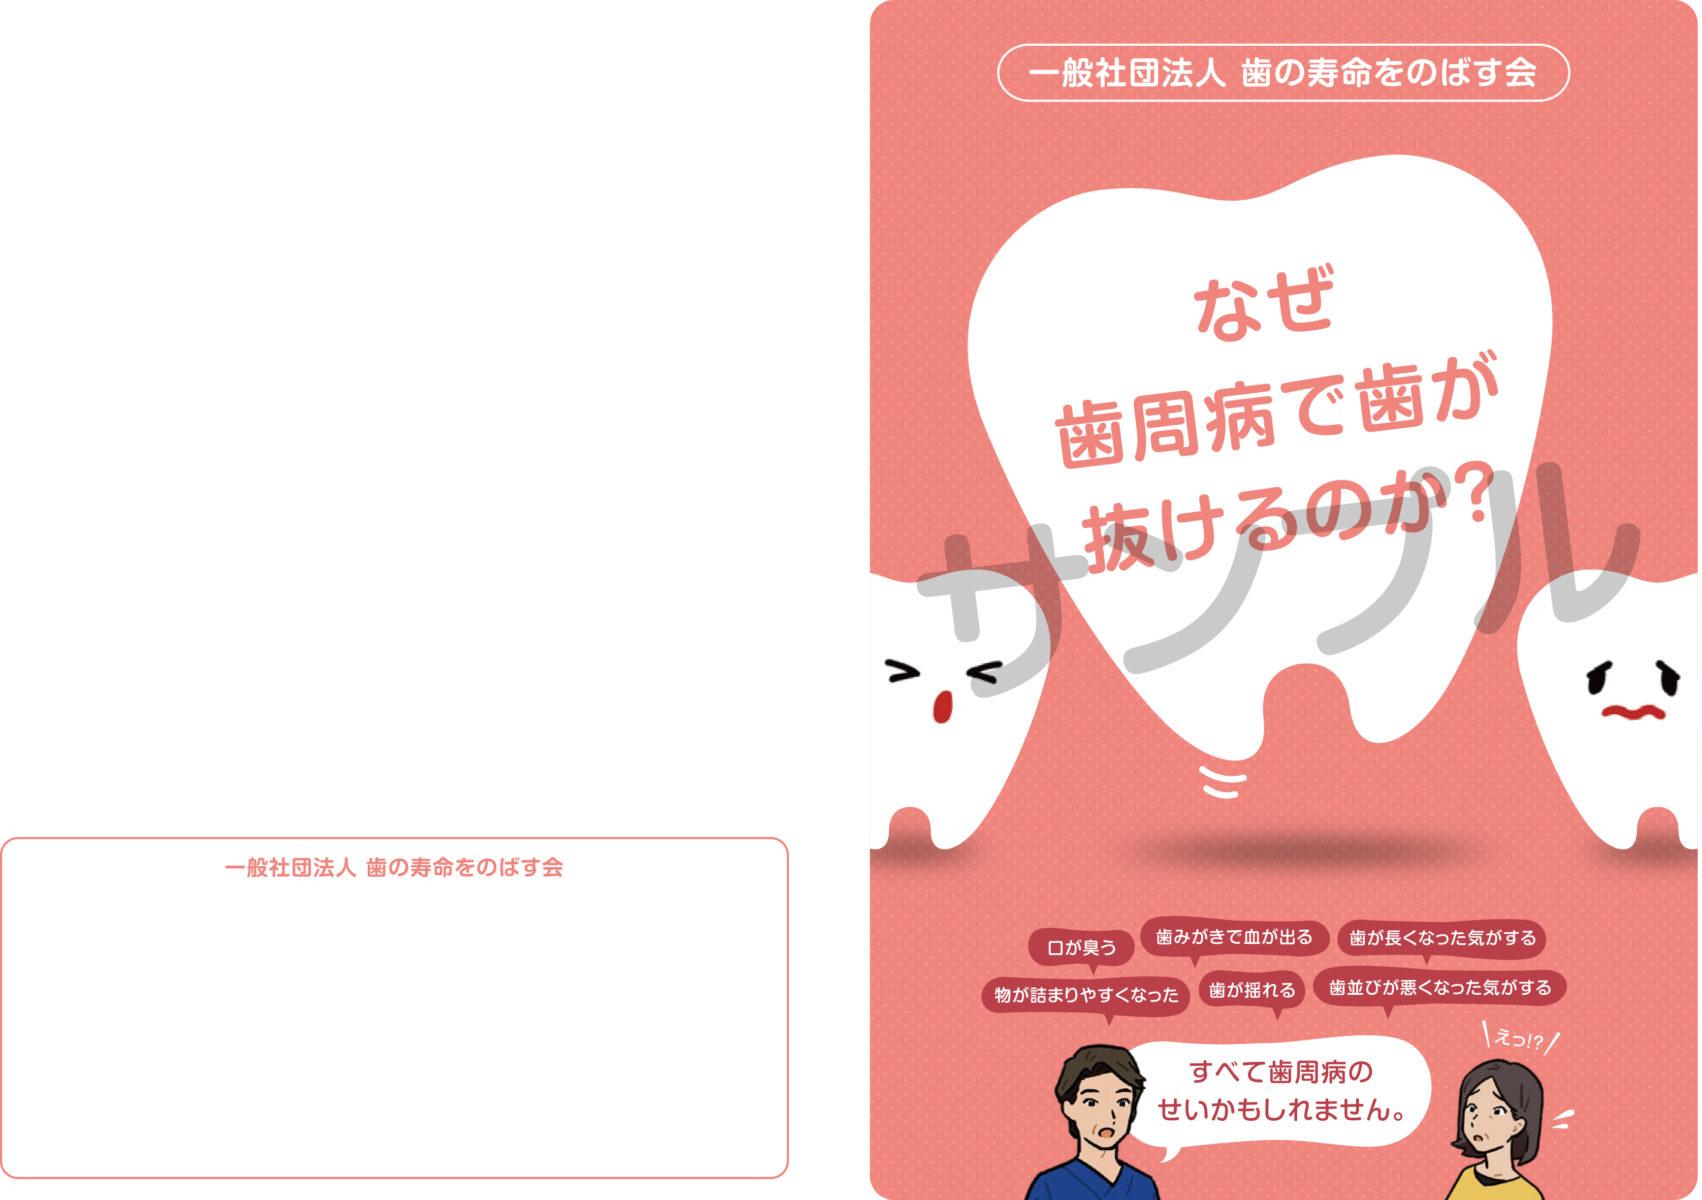 歯周病治療やメンテのモチベーションが上がる小冊子サンプル画像1